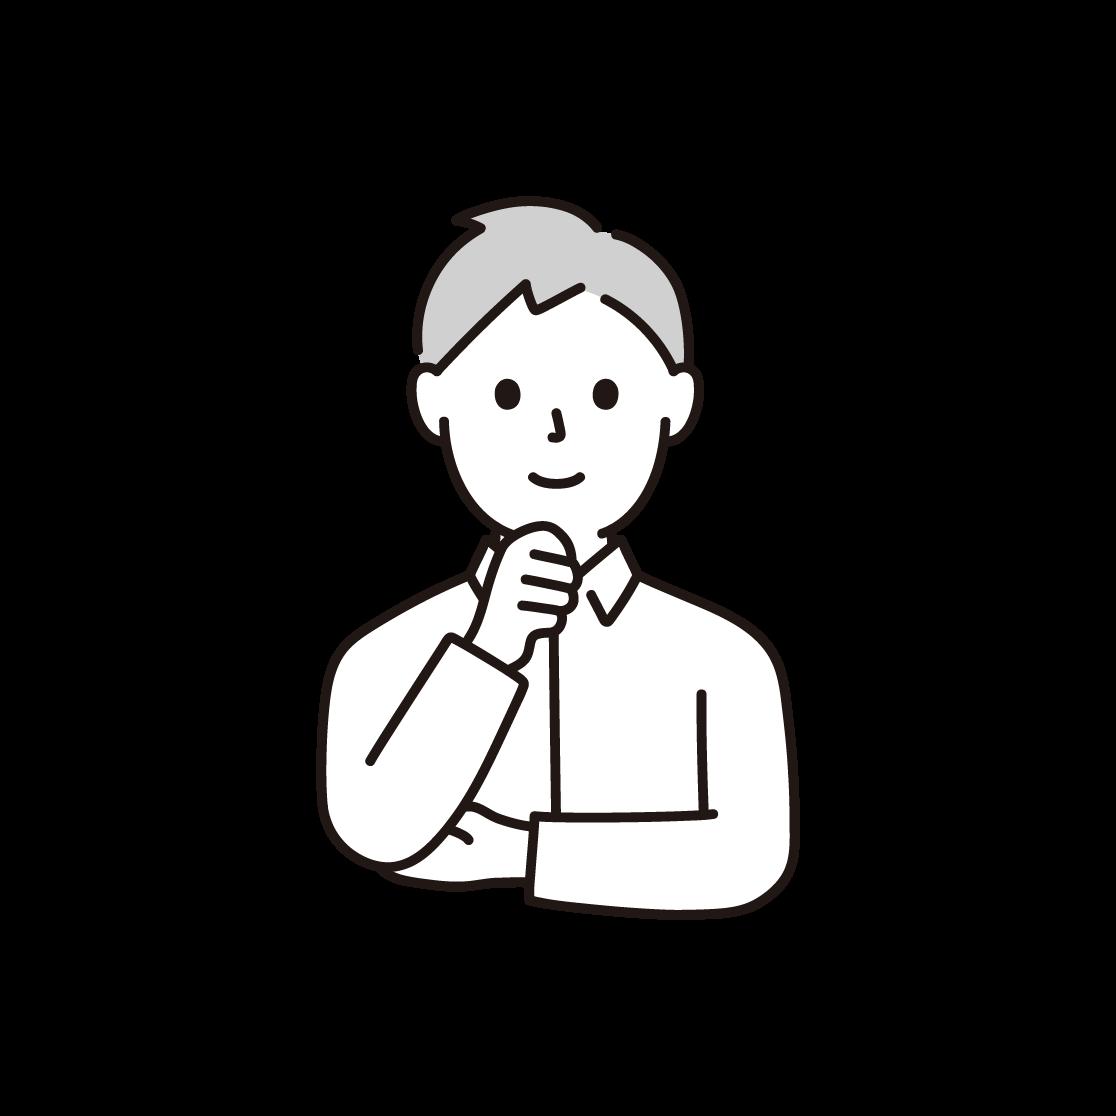 顎に手を当てる男性の単色イラスト